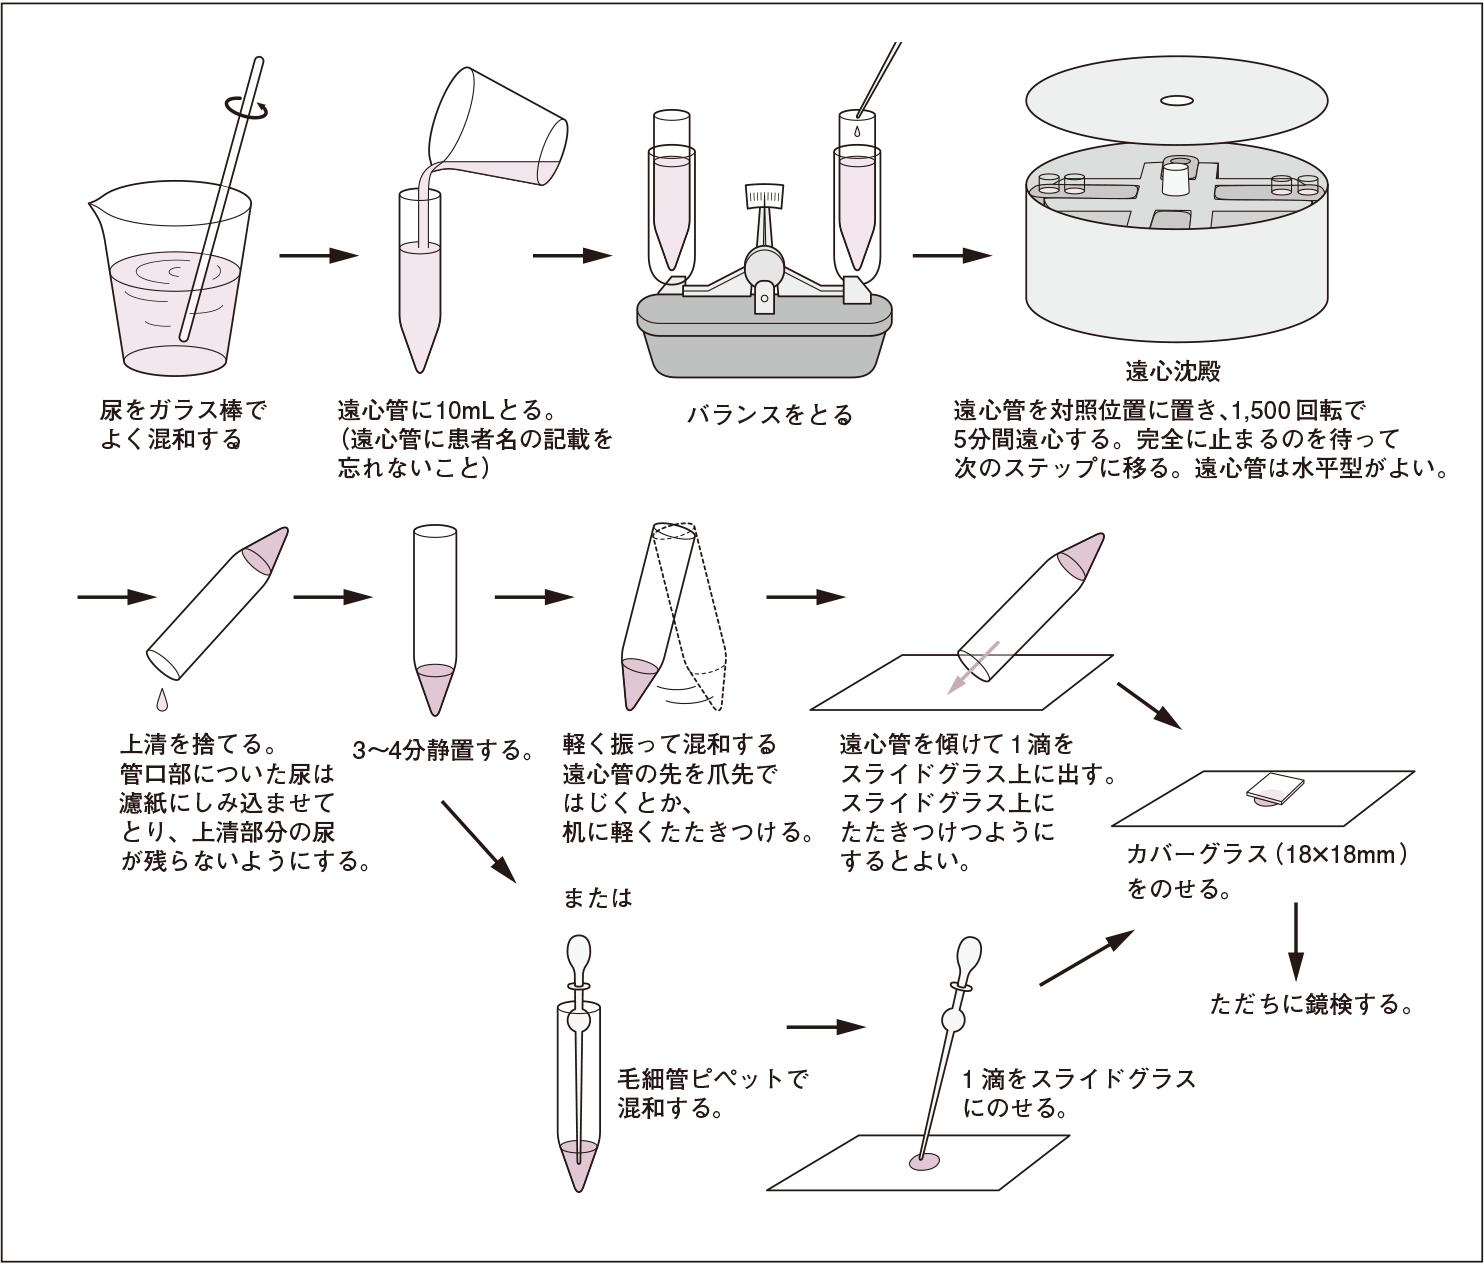 尿沈渣標本作成の手順